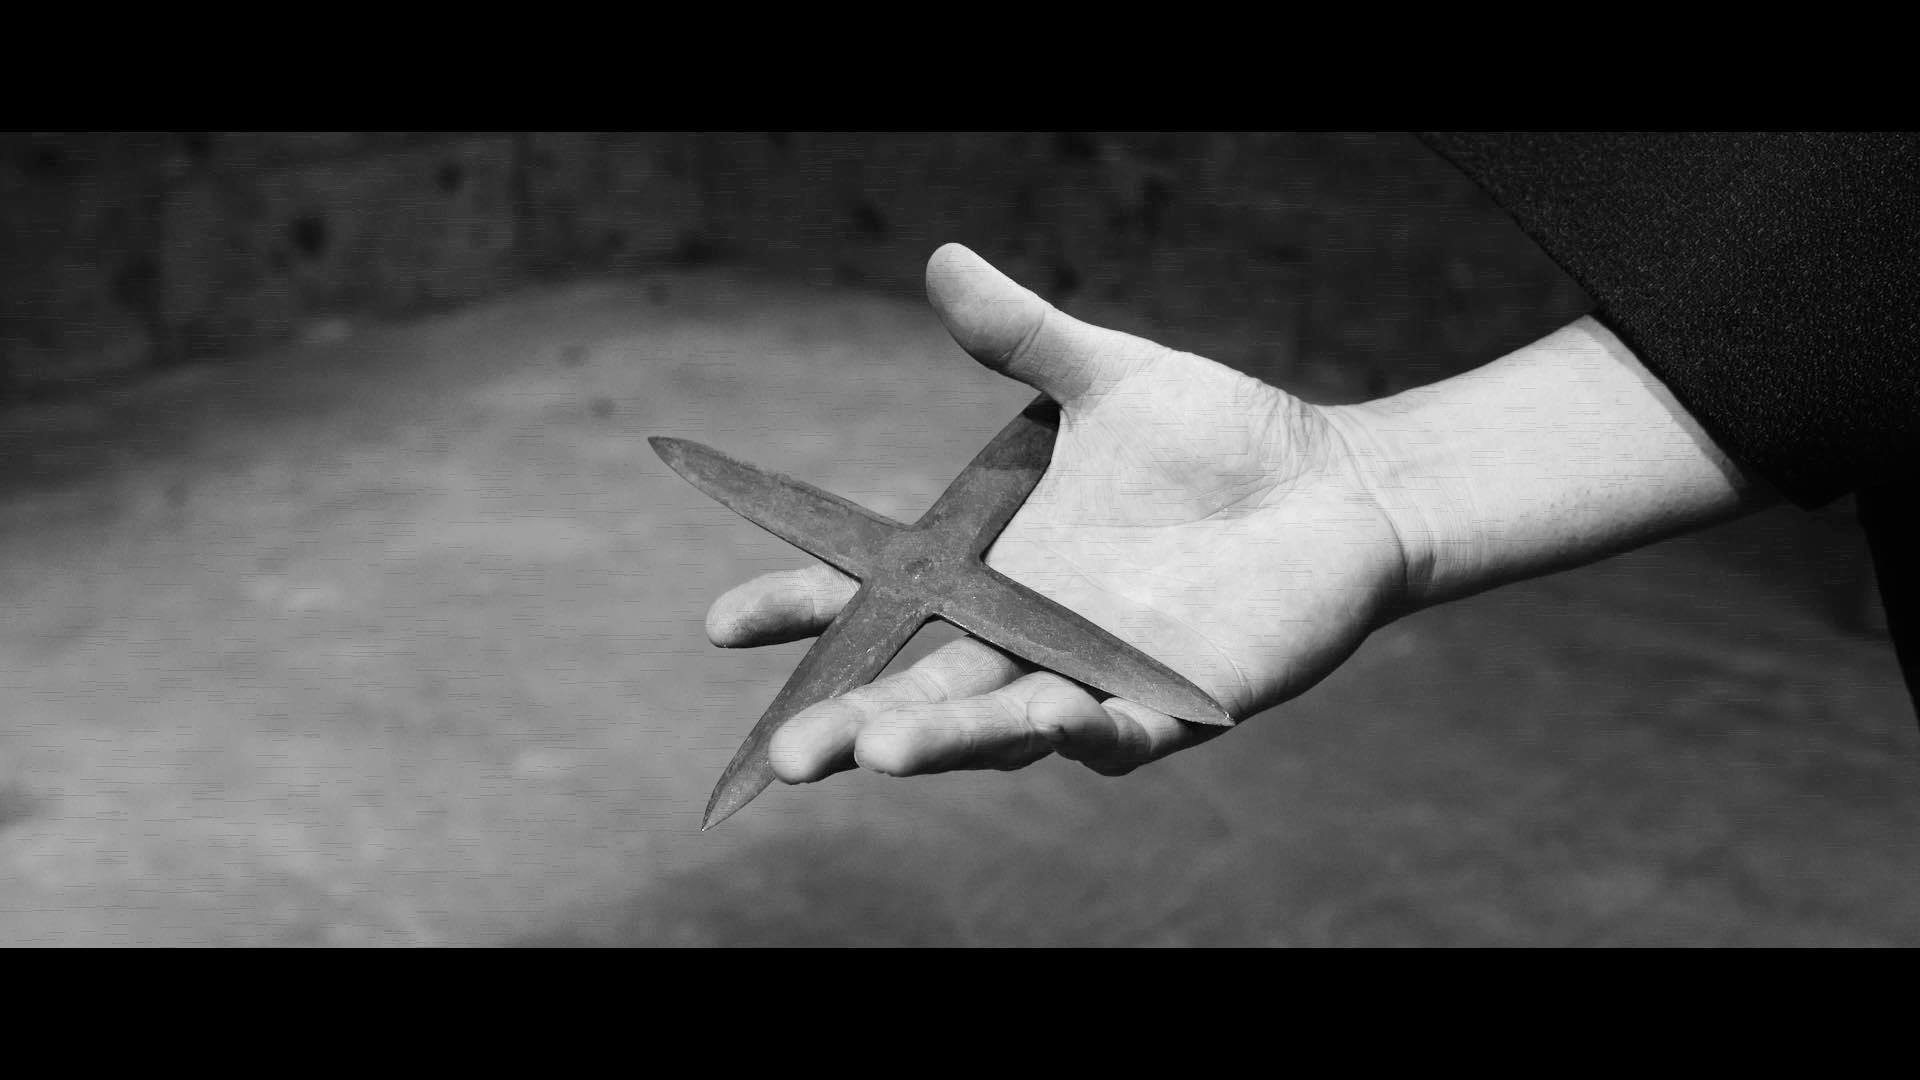 【7月27日】岩櫃真田忍者ミュージアム「にんぱく」子ども(小学生)のイメージその5